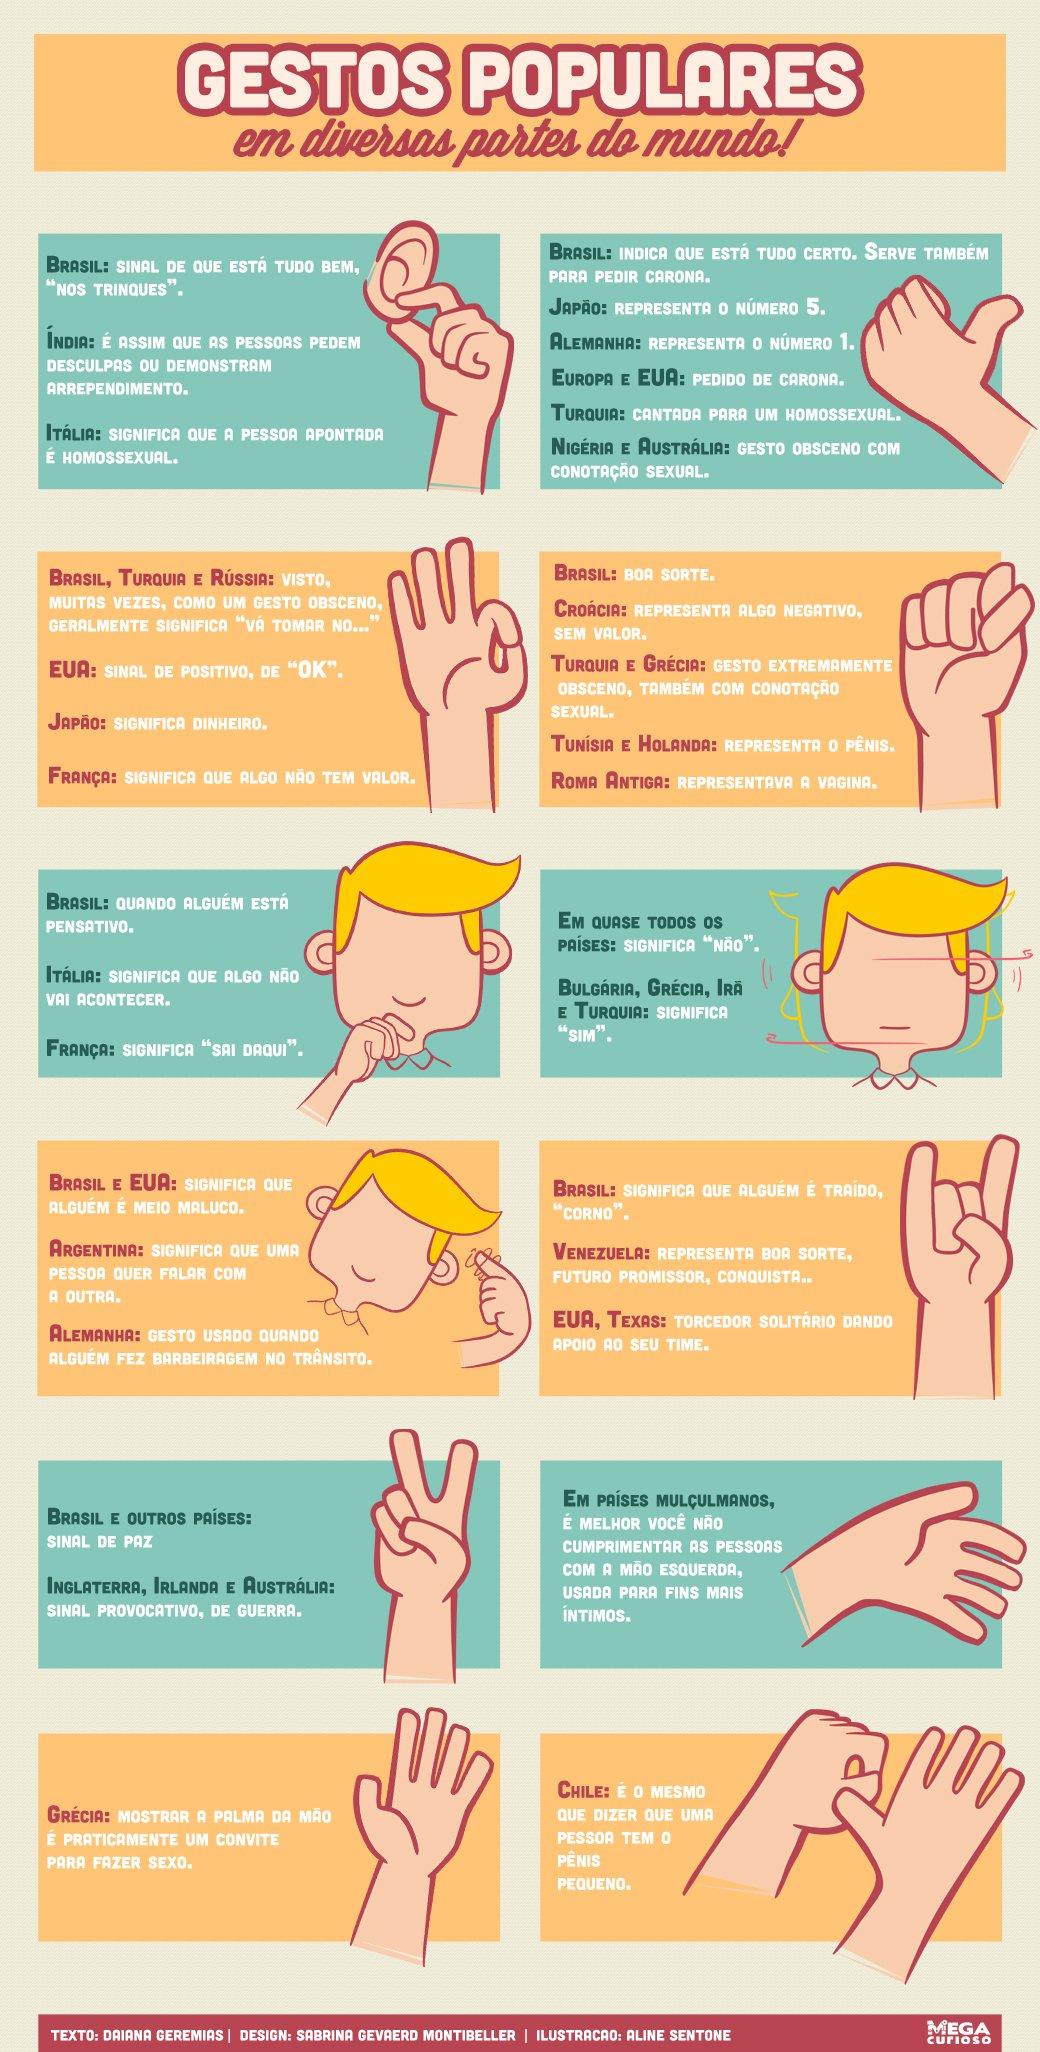 O significado de gestos populares em várias partes do mundo [infográfico]